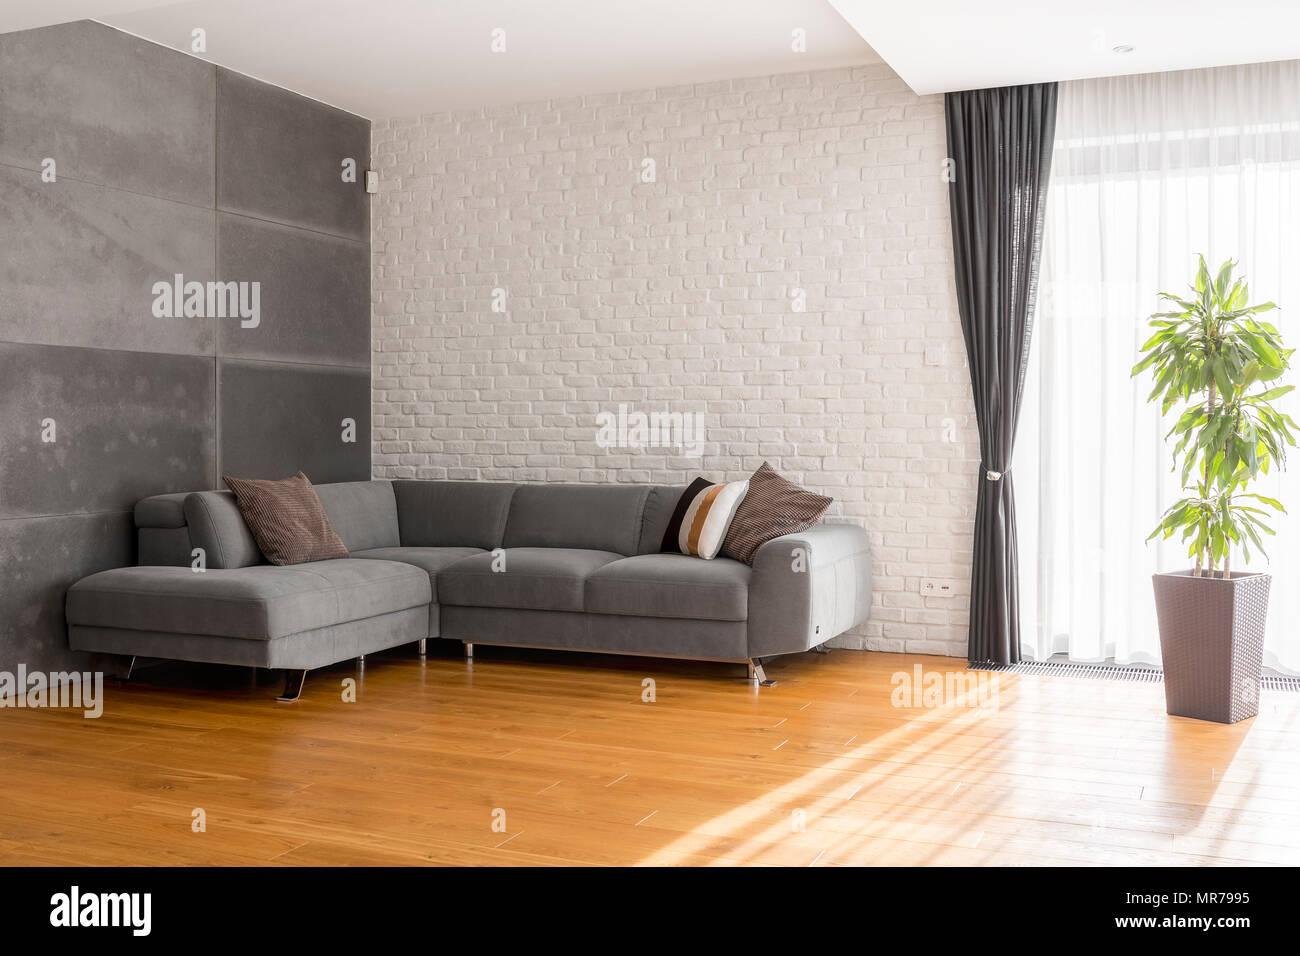 Gemutliche Grau Wohnzimmer Mit Sofa Holz Bodenplatten Werk